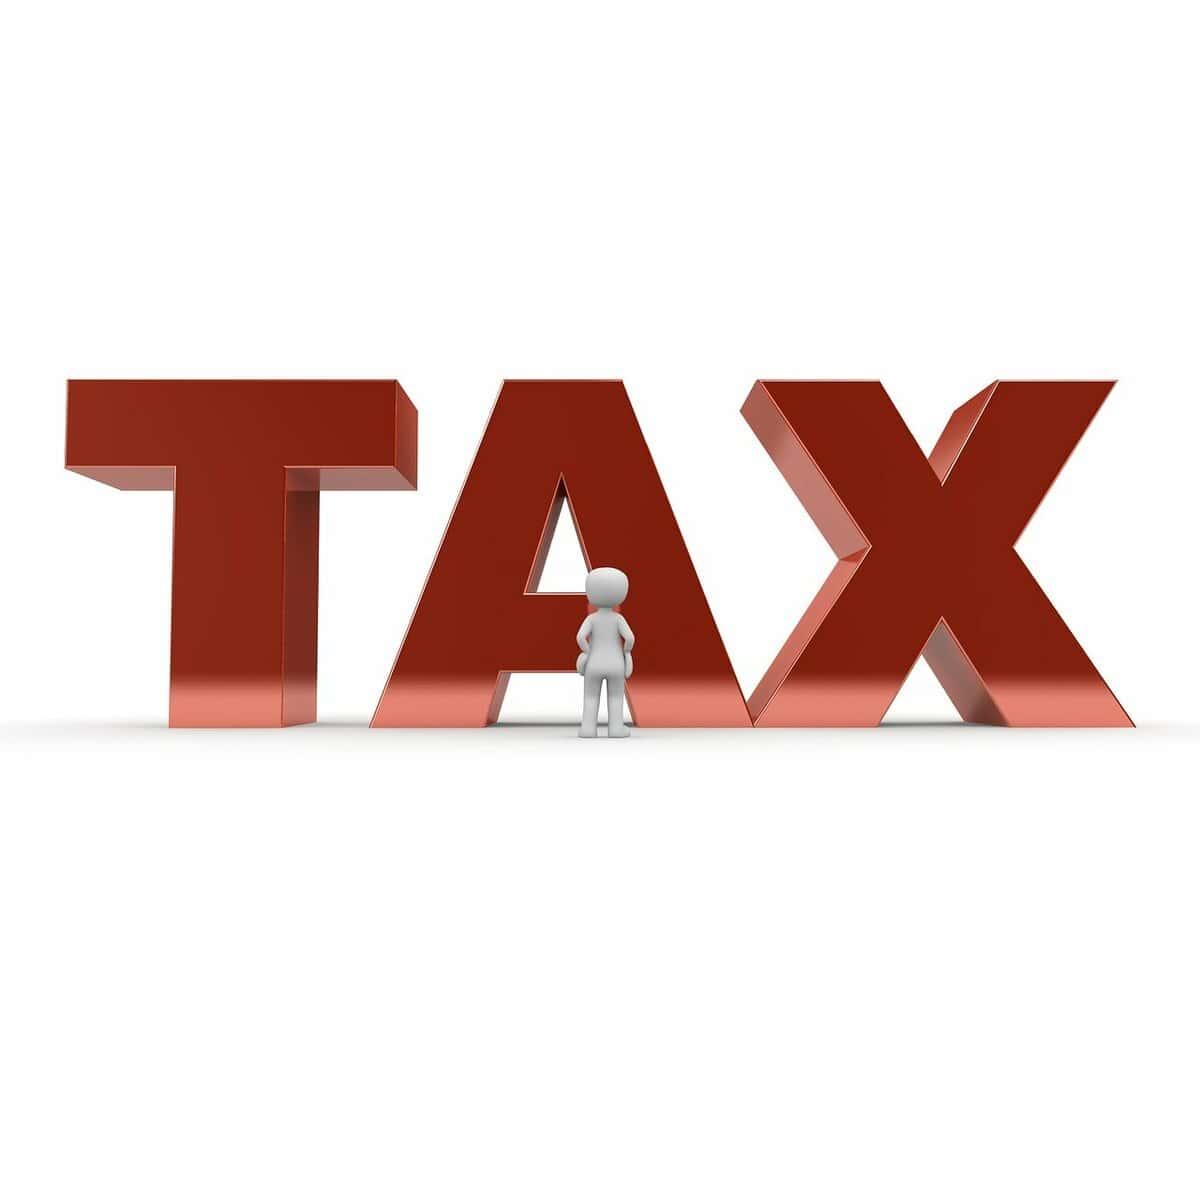 外国税額控除を利用した場合の配当税率を計算のアイキャッチ画像